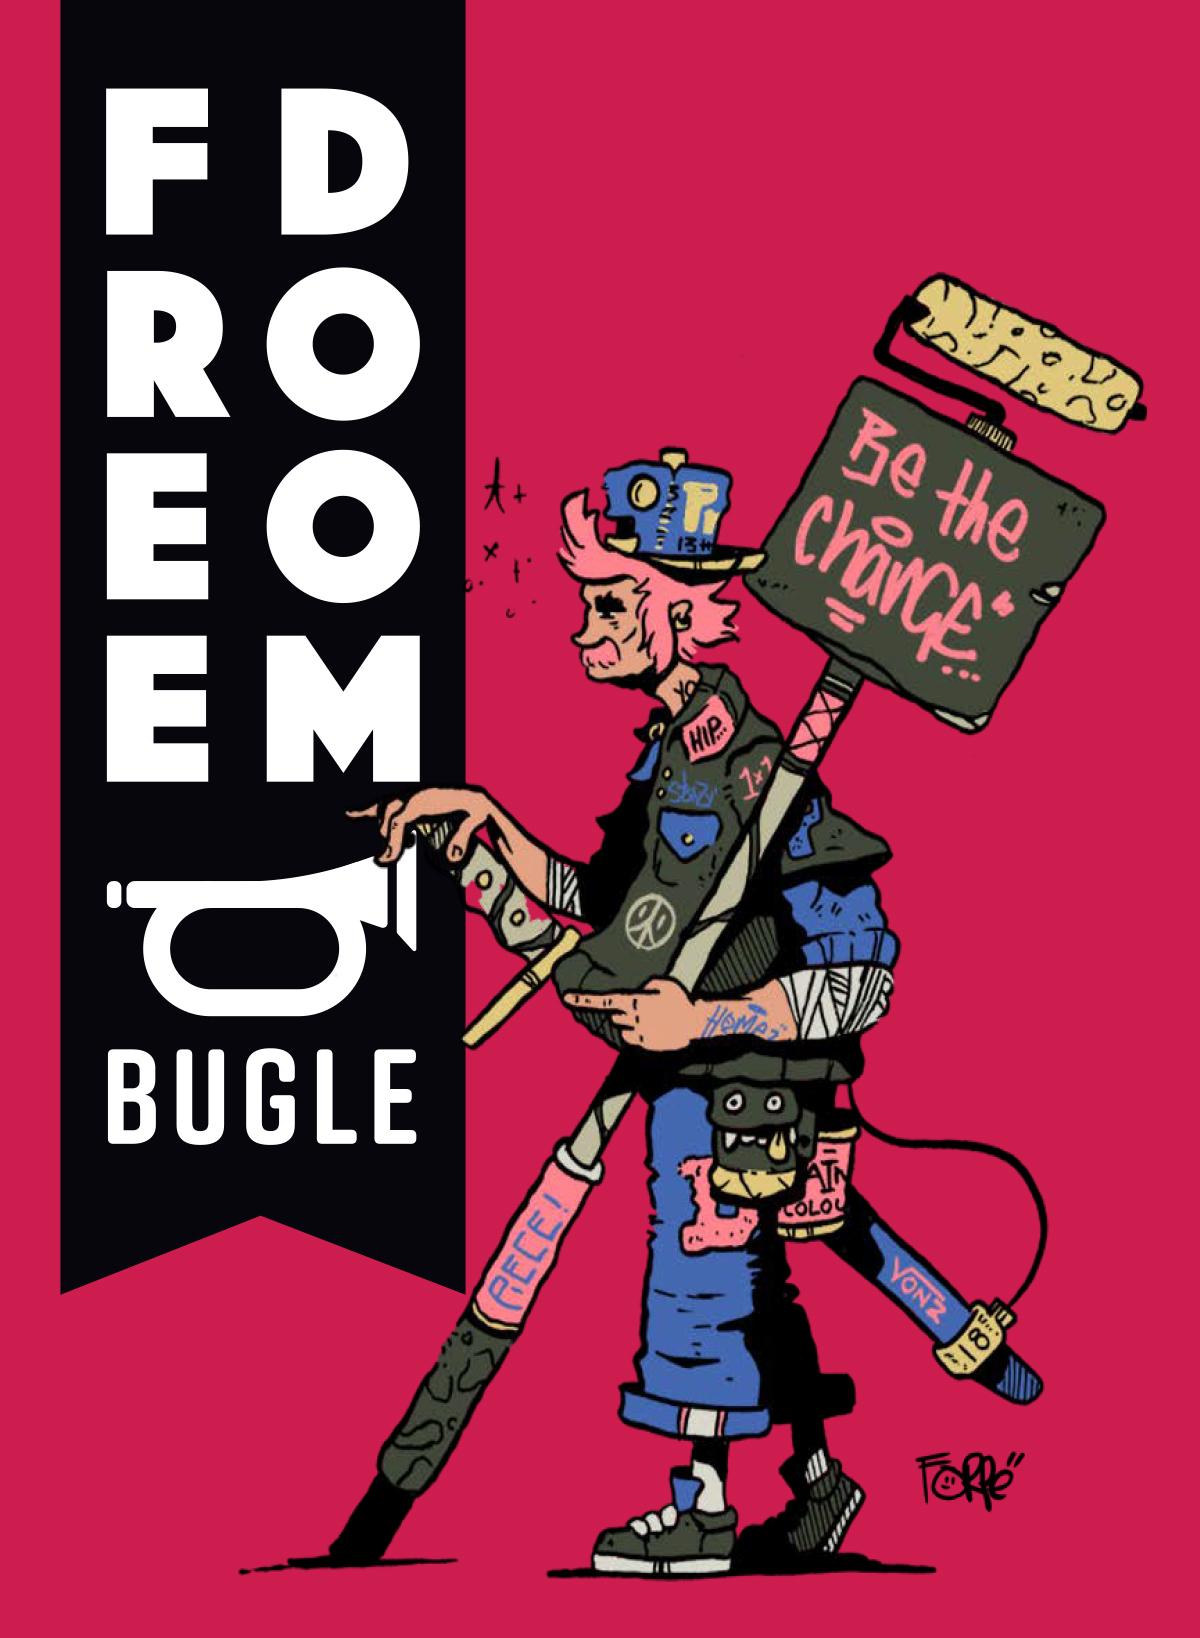 FreeDoom-Bugle-Forpe.jpg